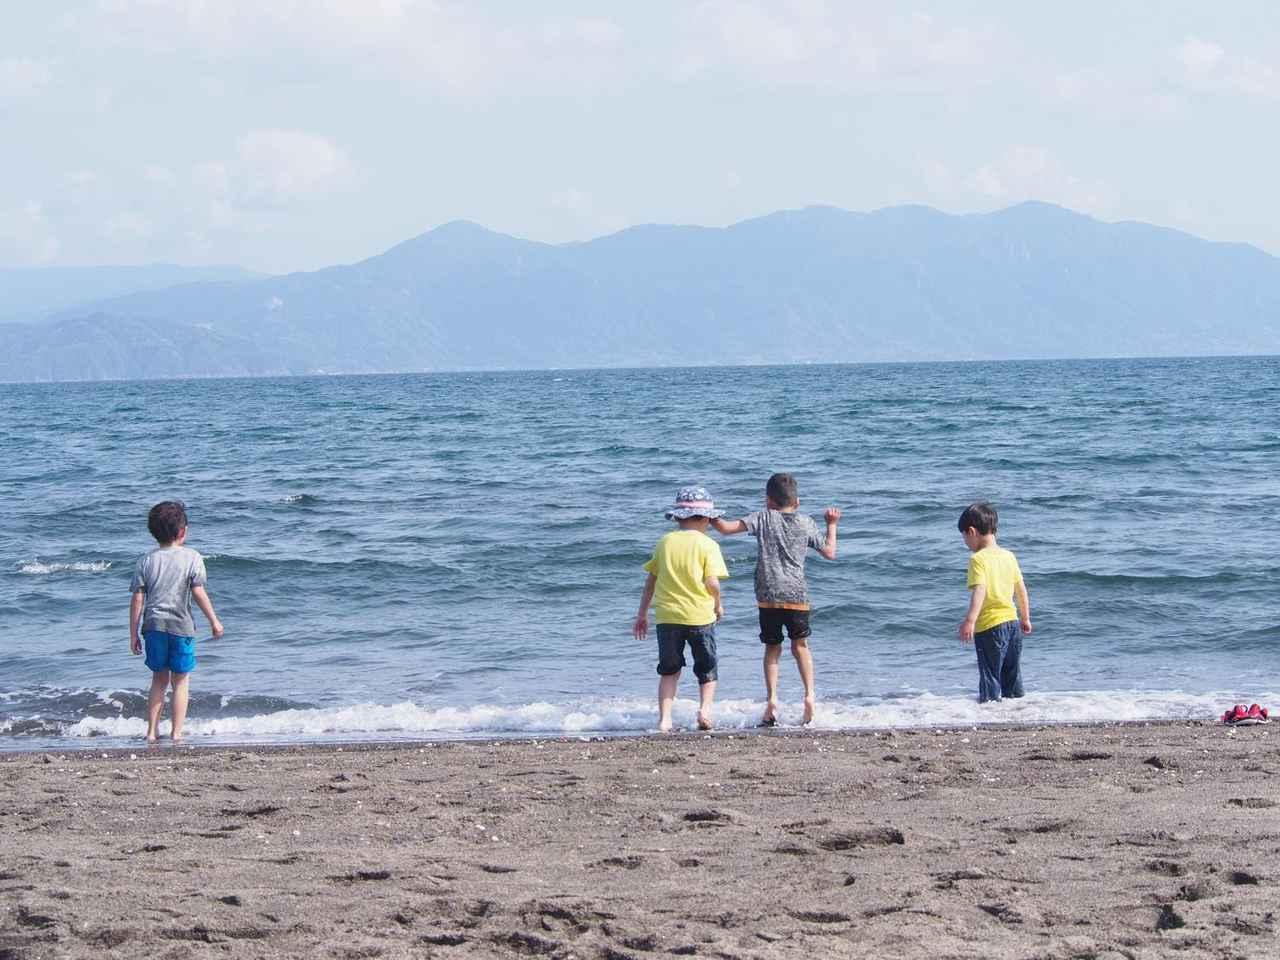 画像: キッズ用ウォーターシューズを選ぶ際に重視すべきポイントは? 子どもと水遊びを安全に楽しもう